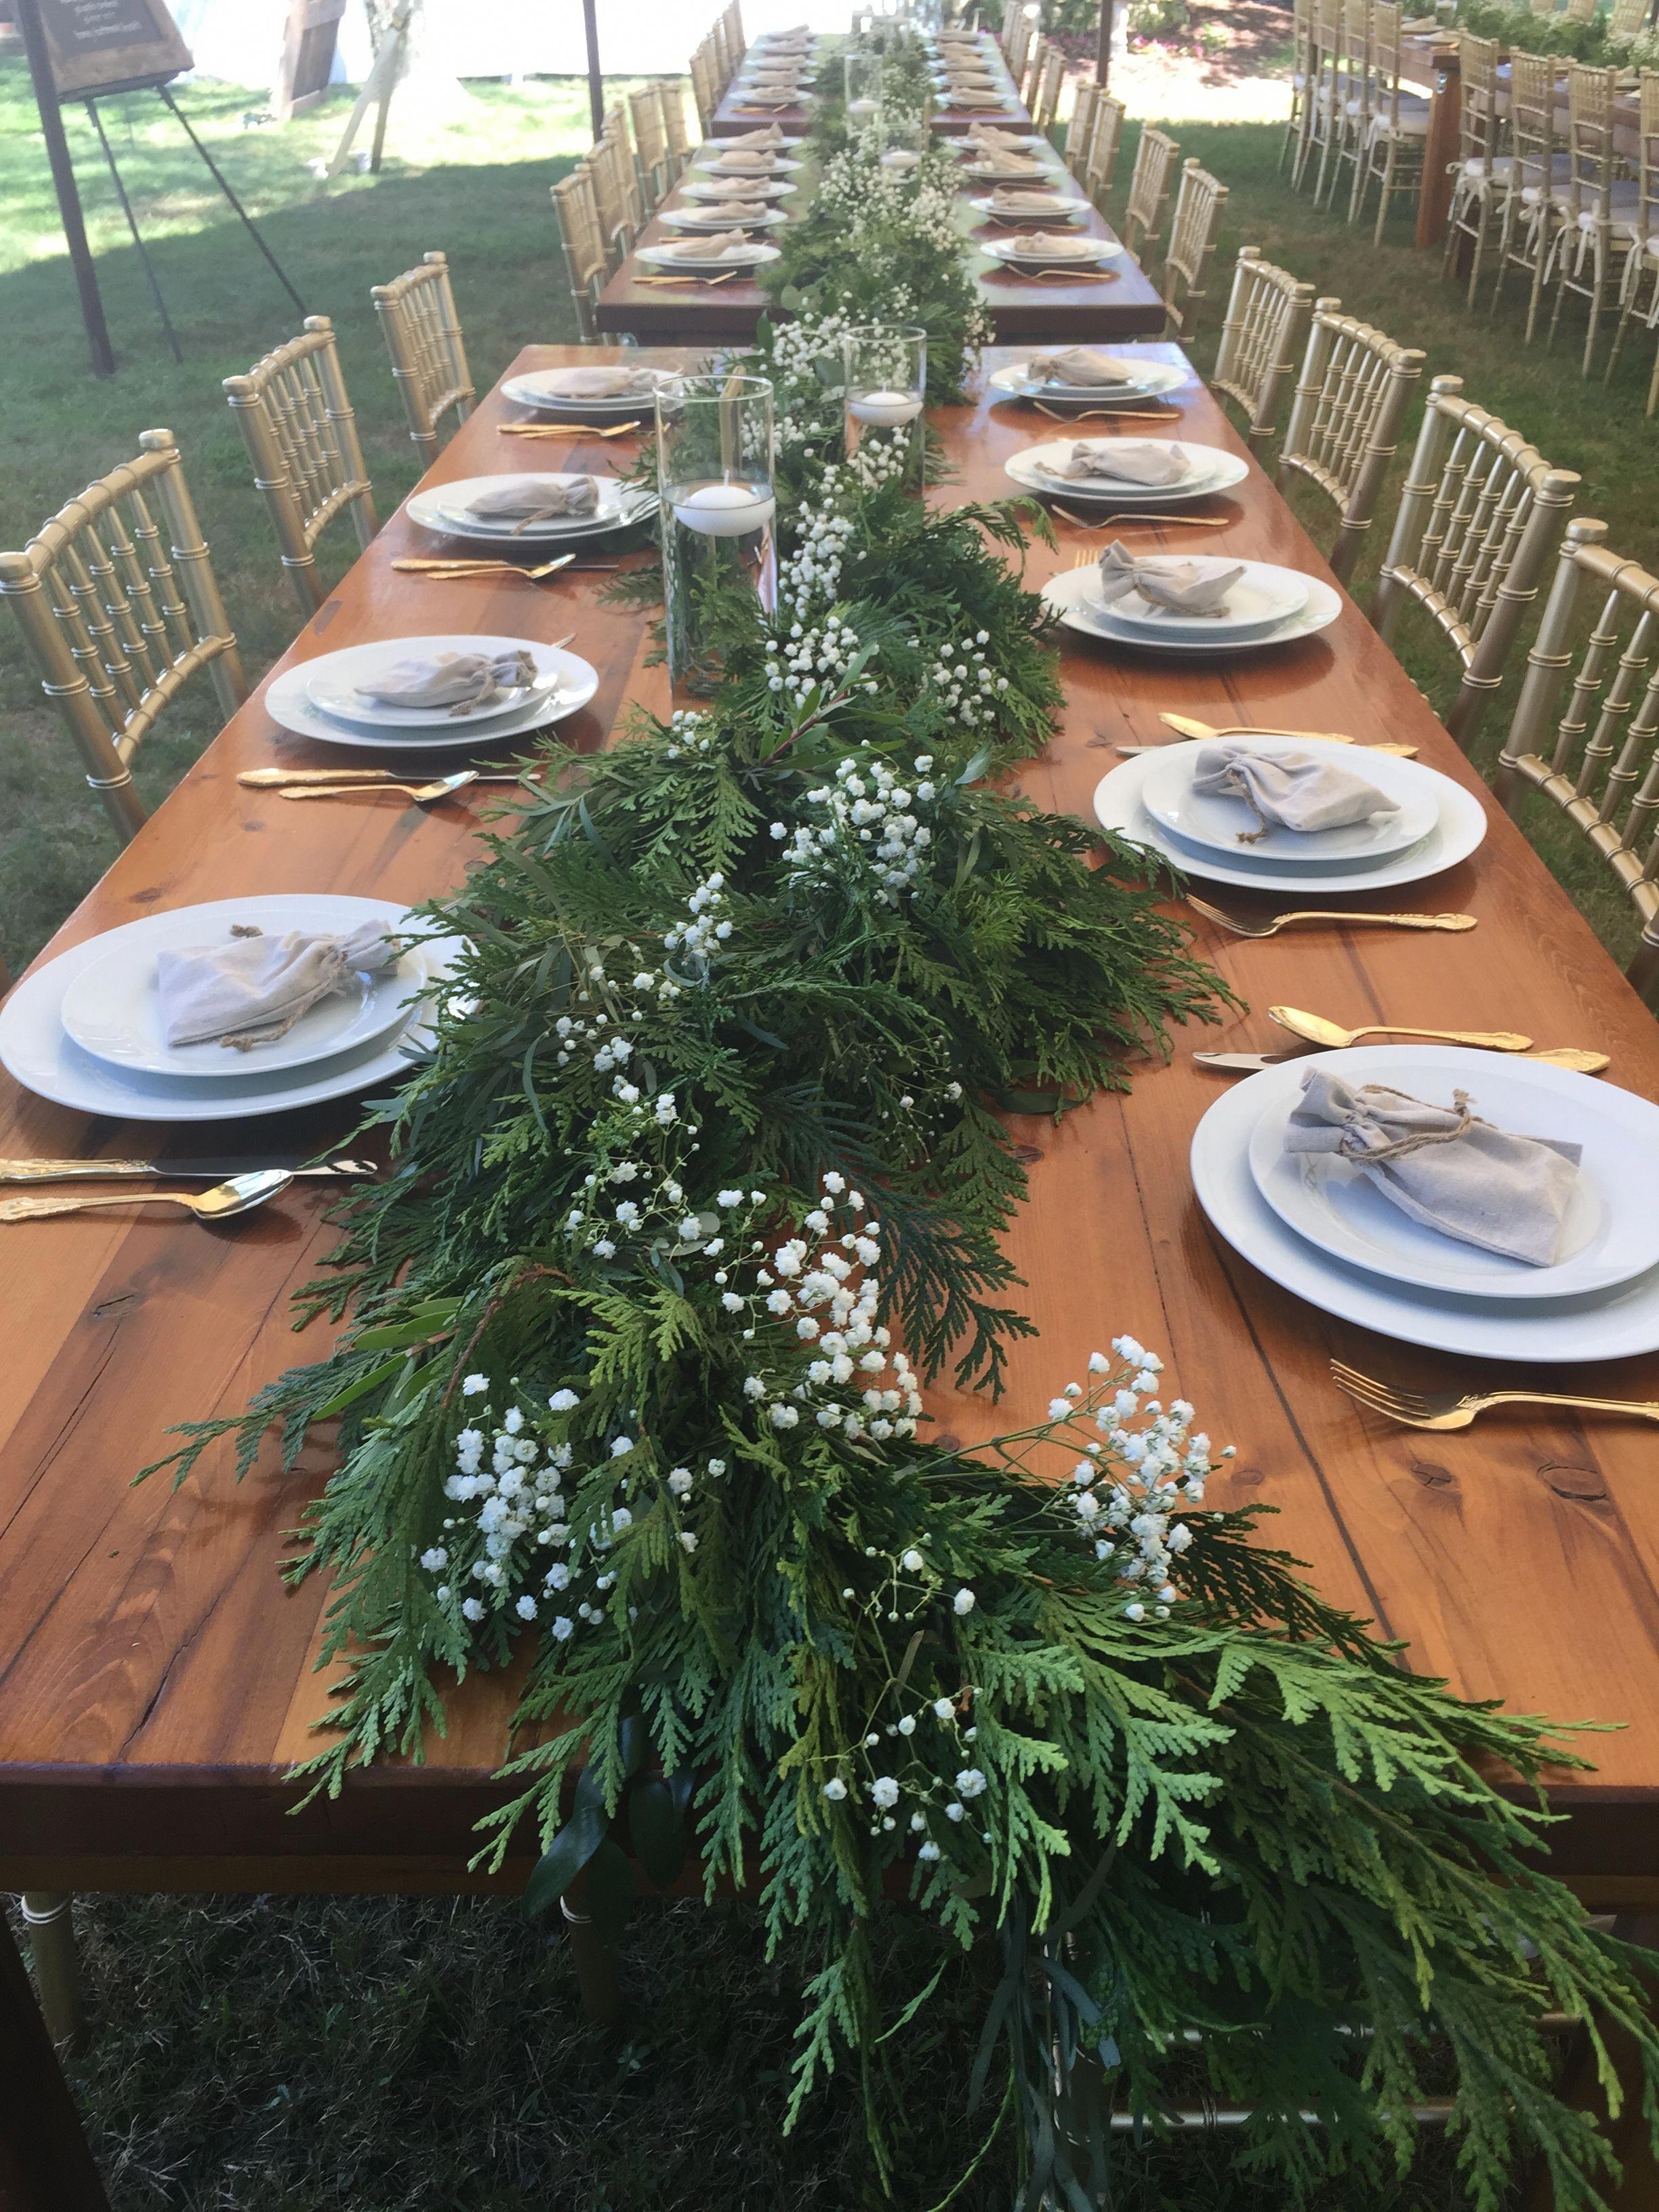 Christmas wedding table settings